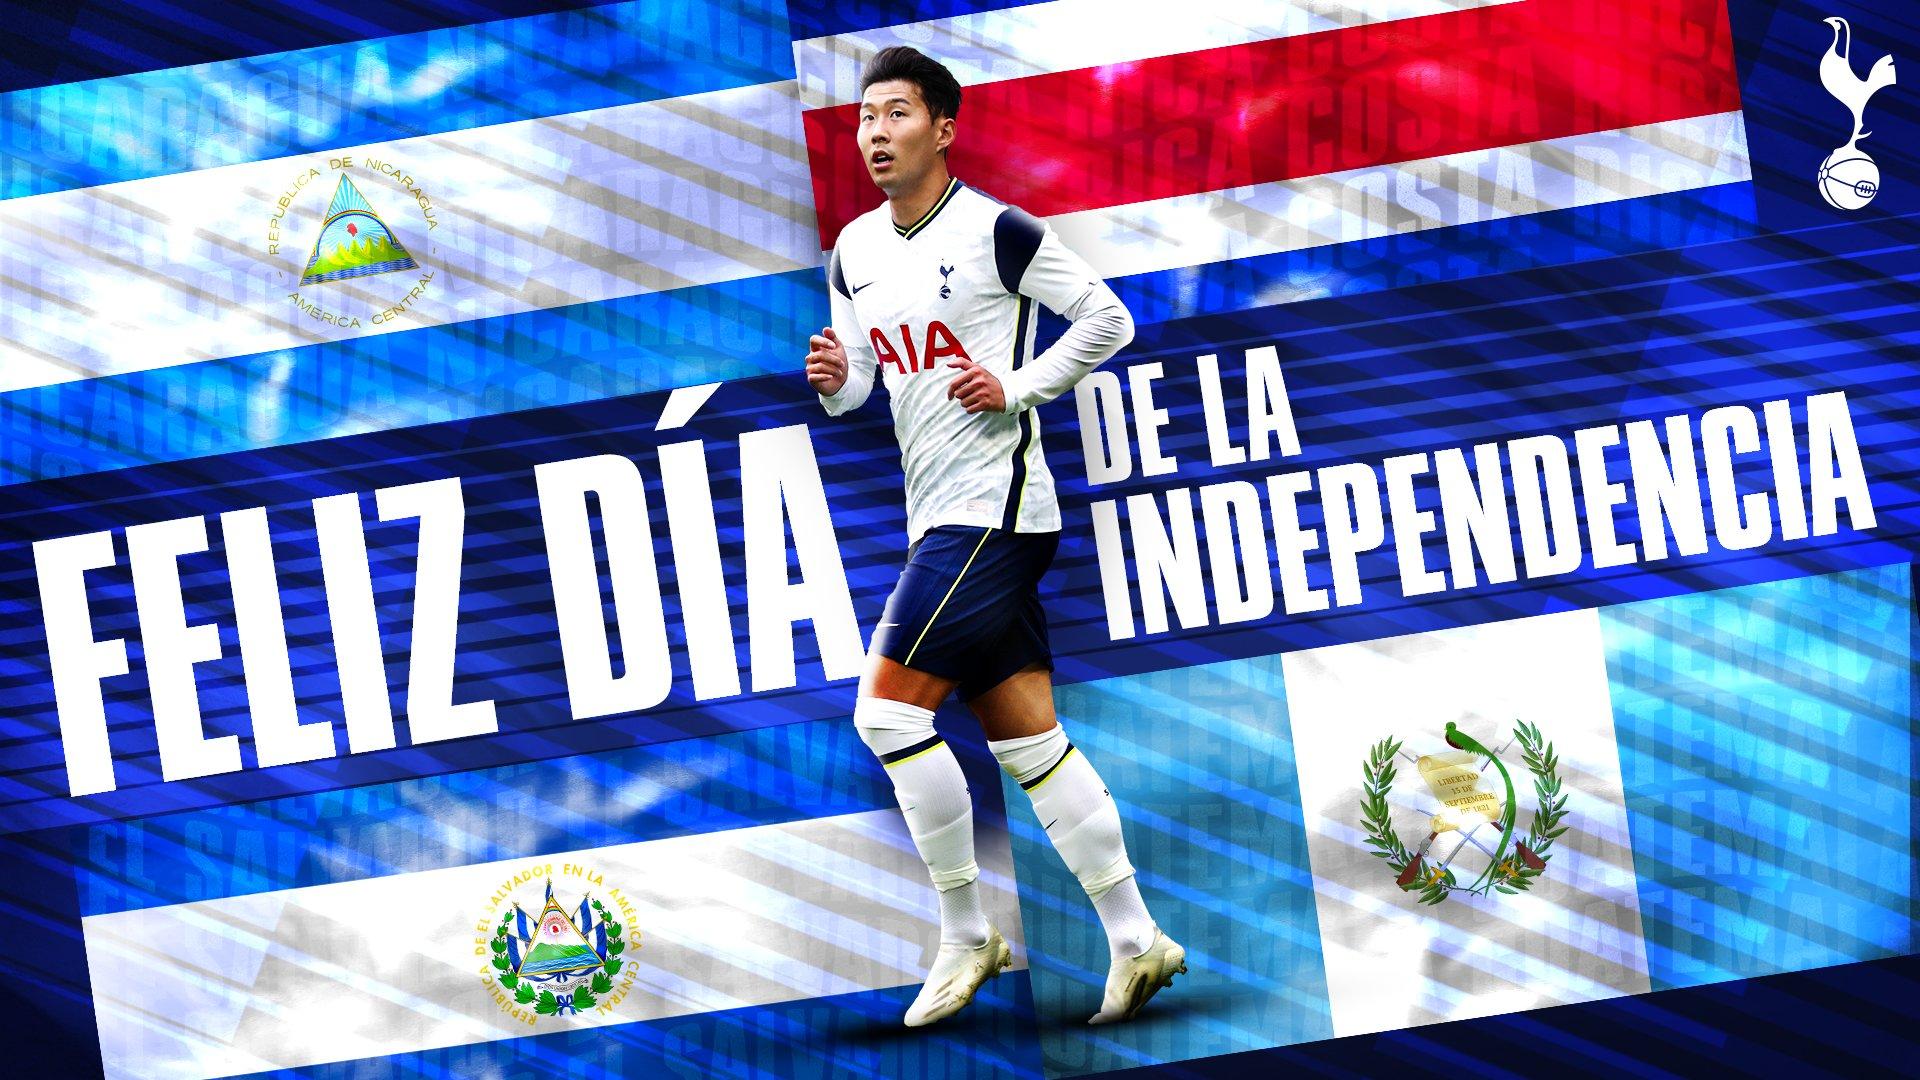 Cortesía: Tottenham